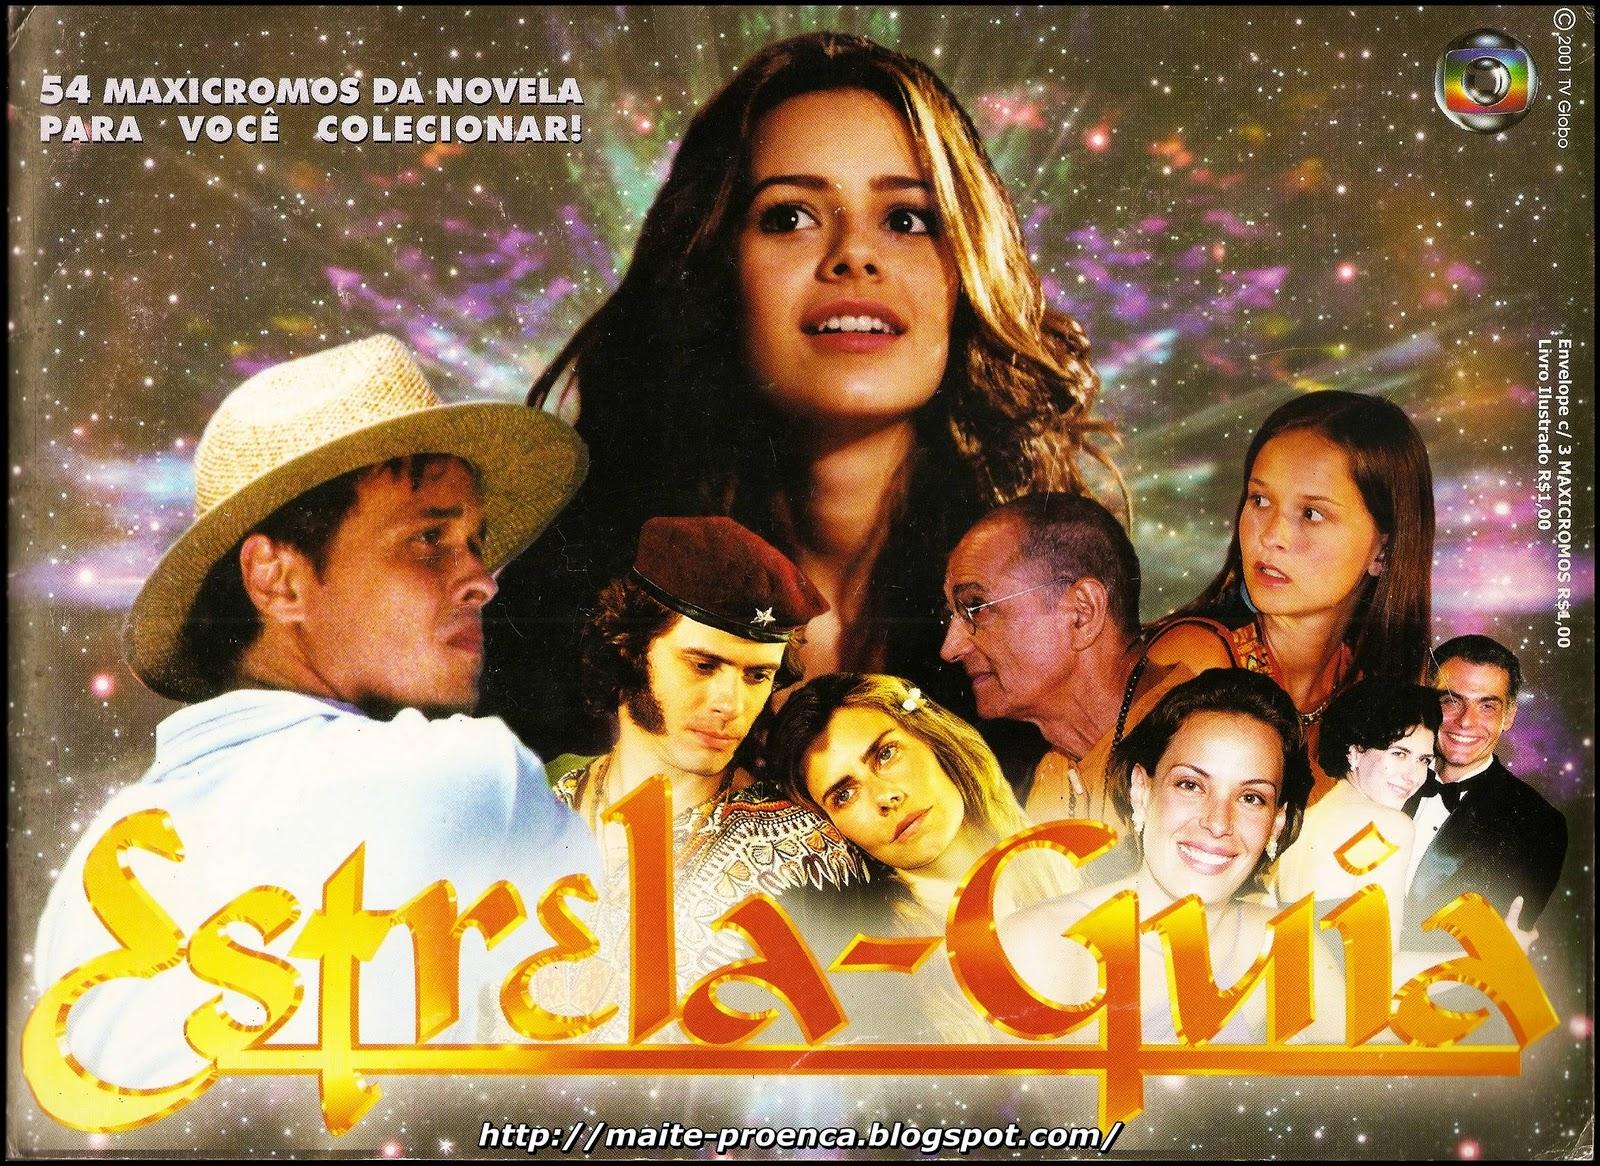 691+2001+Estrela+Guia+Album.jpg